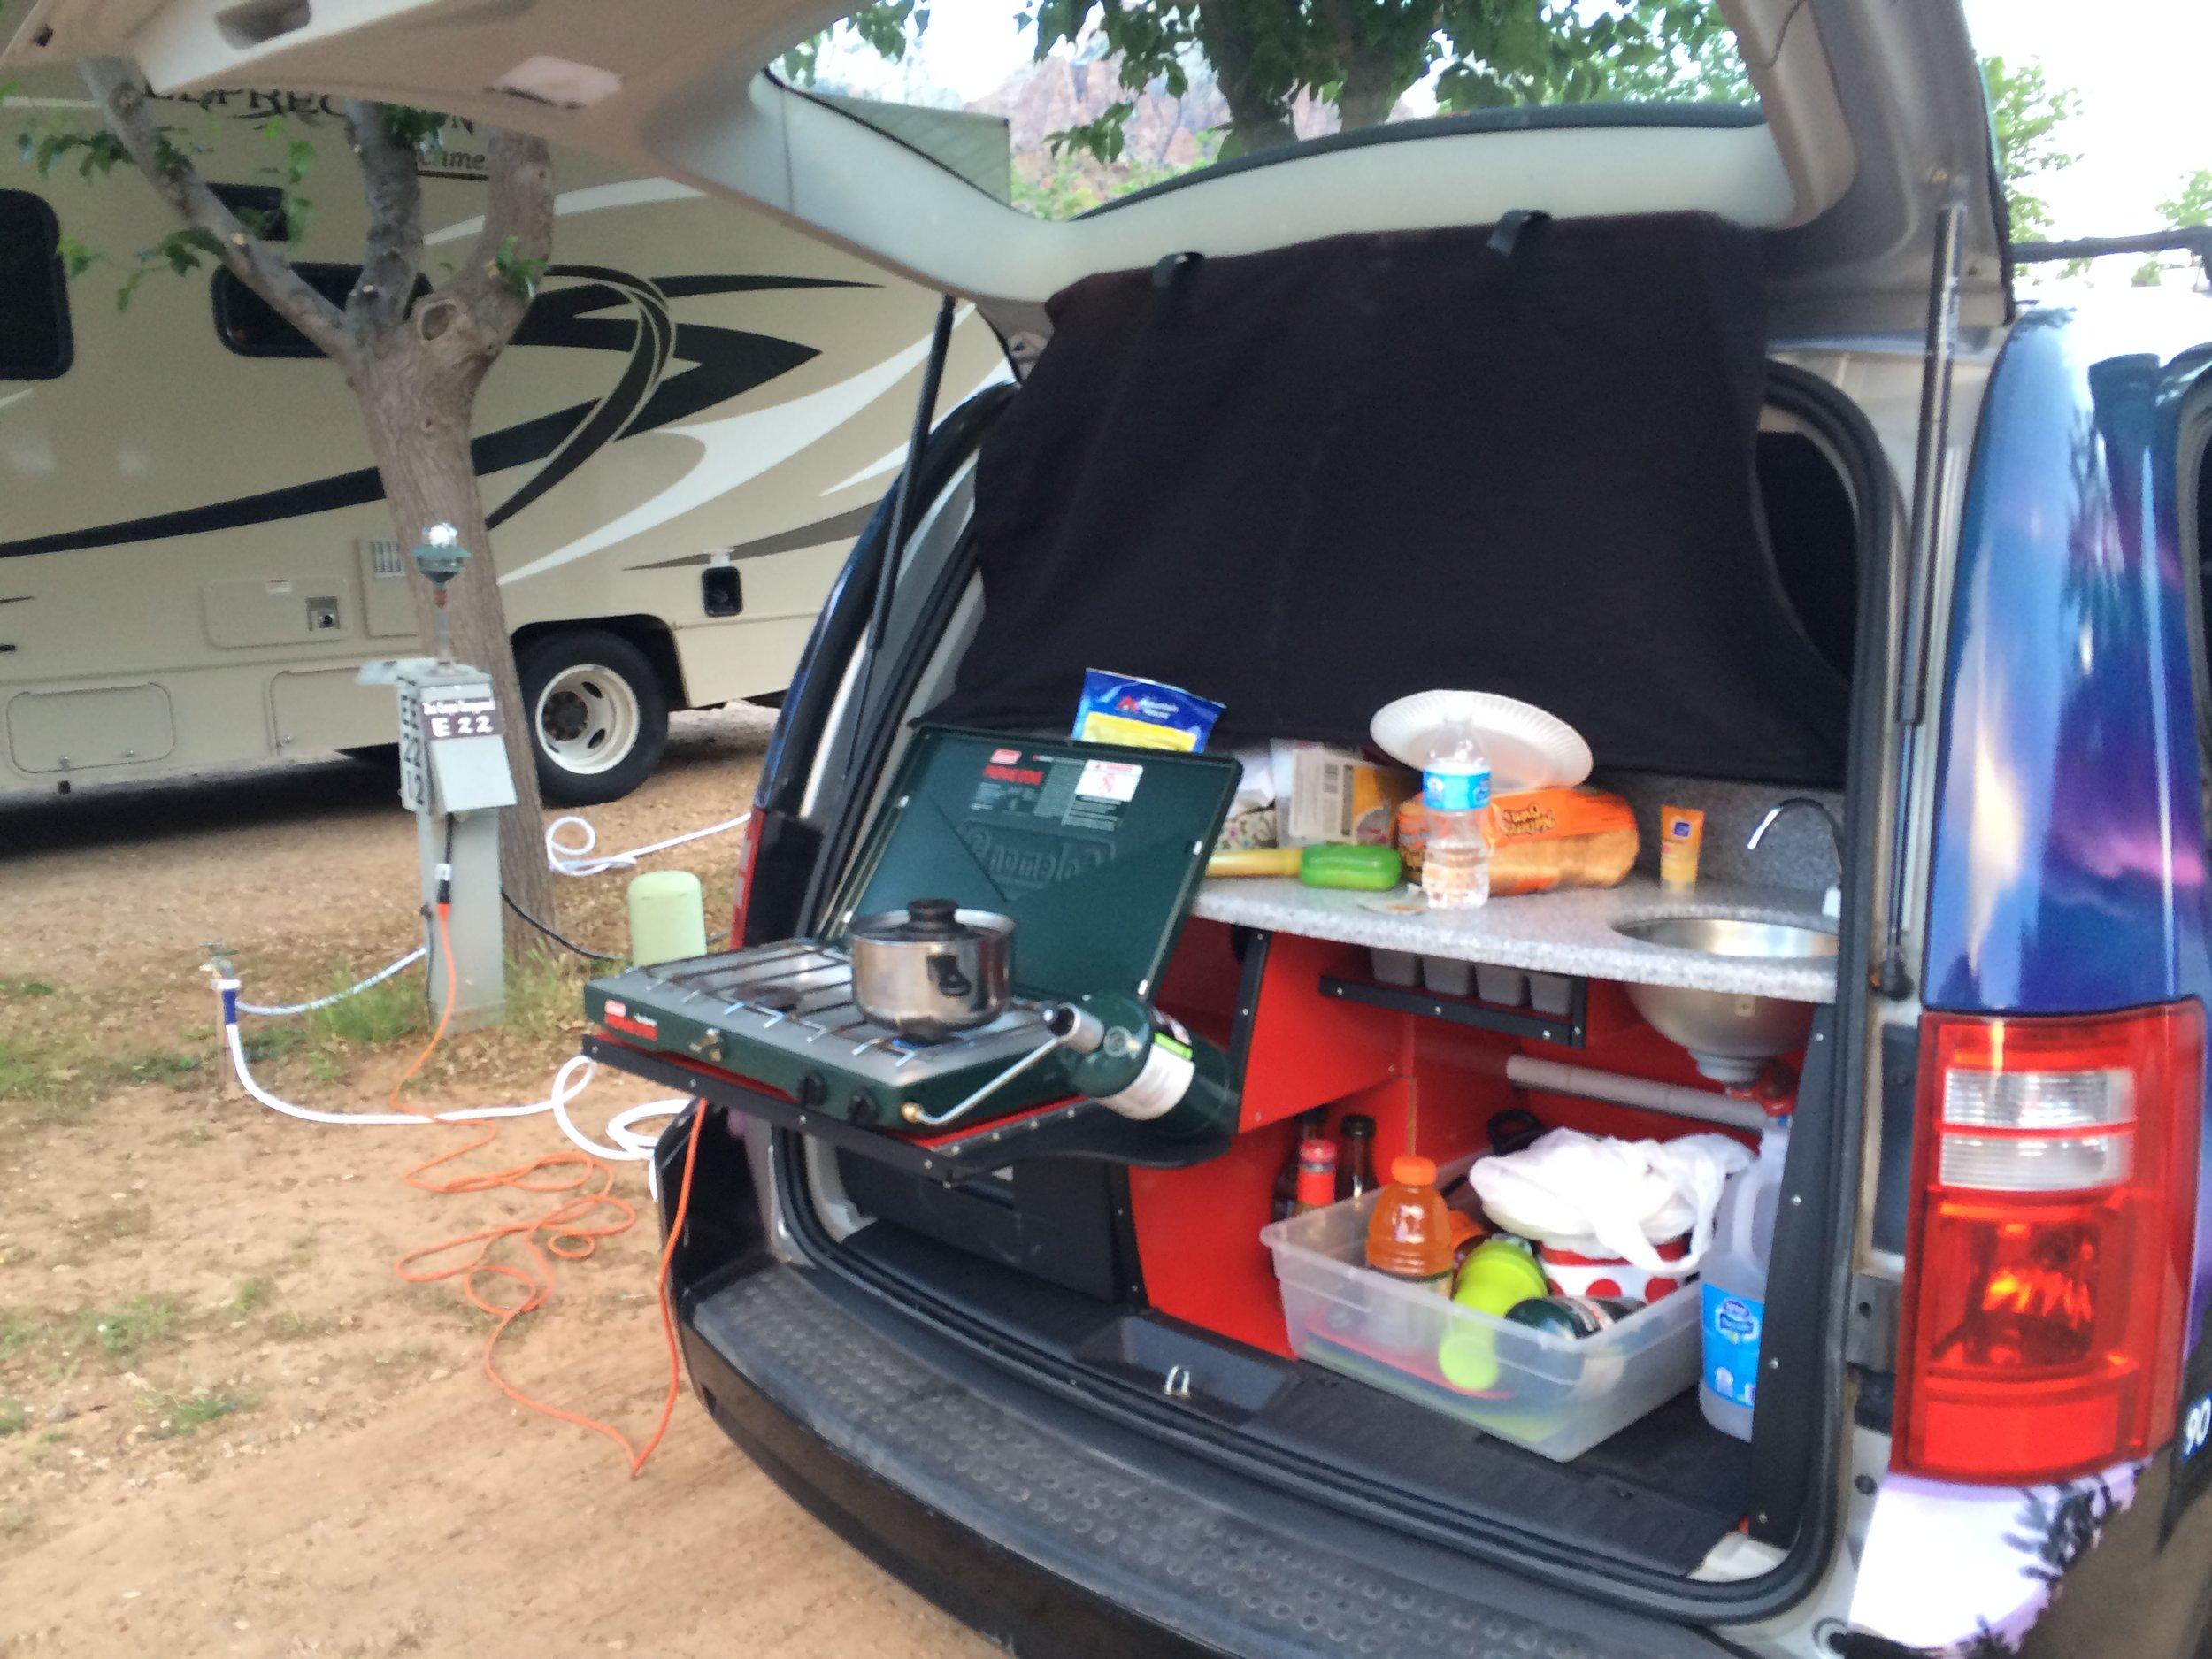 Camper Van Kitchen Life